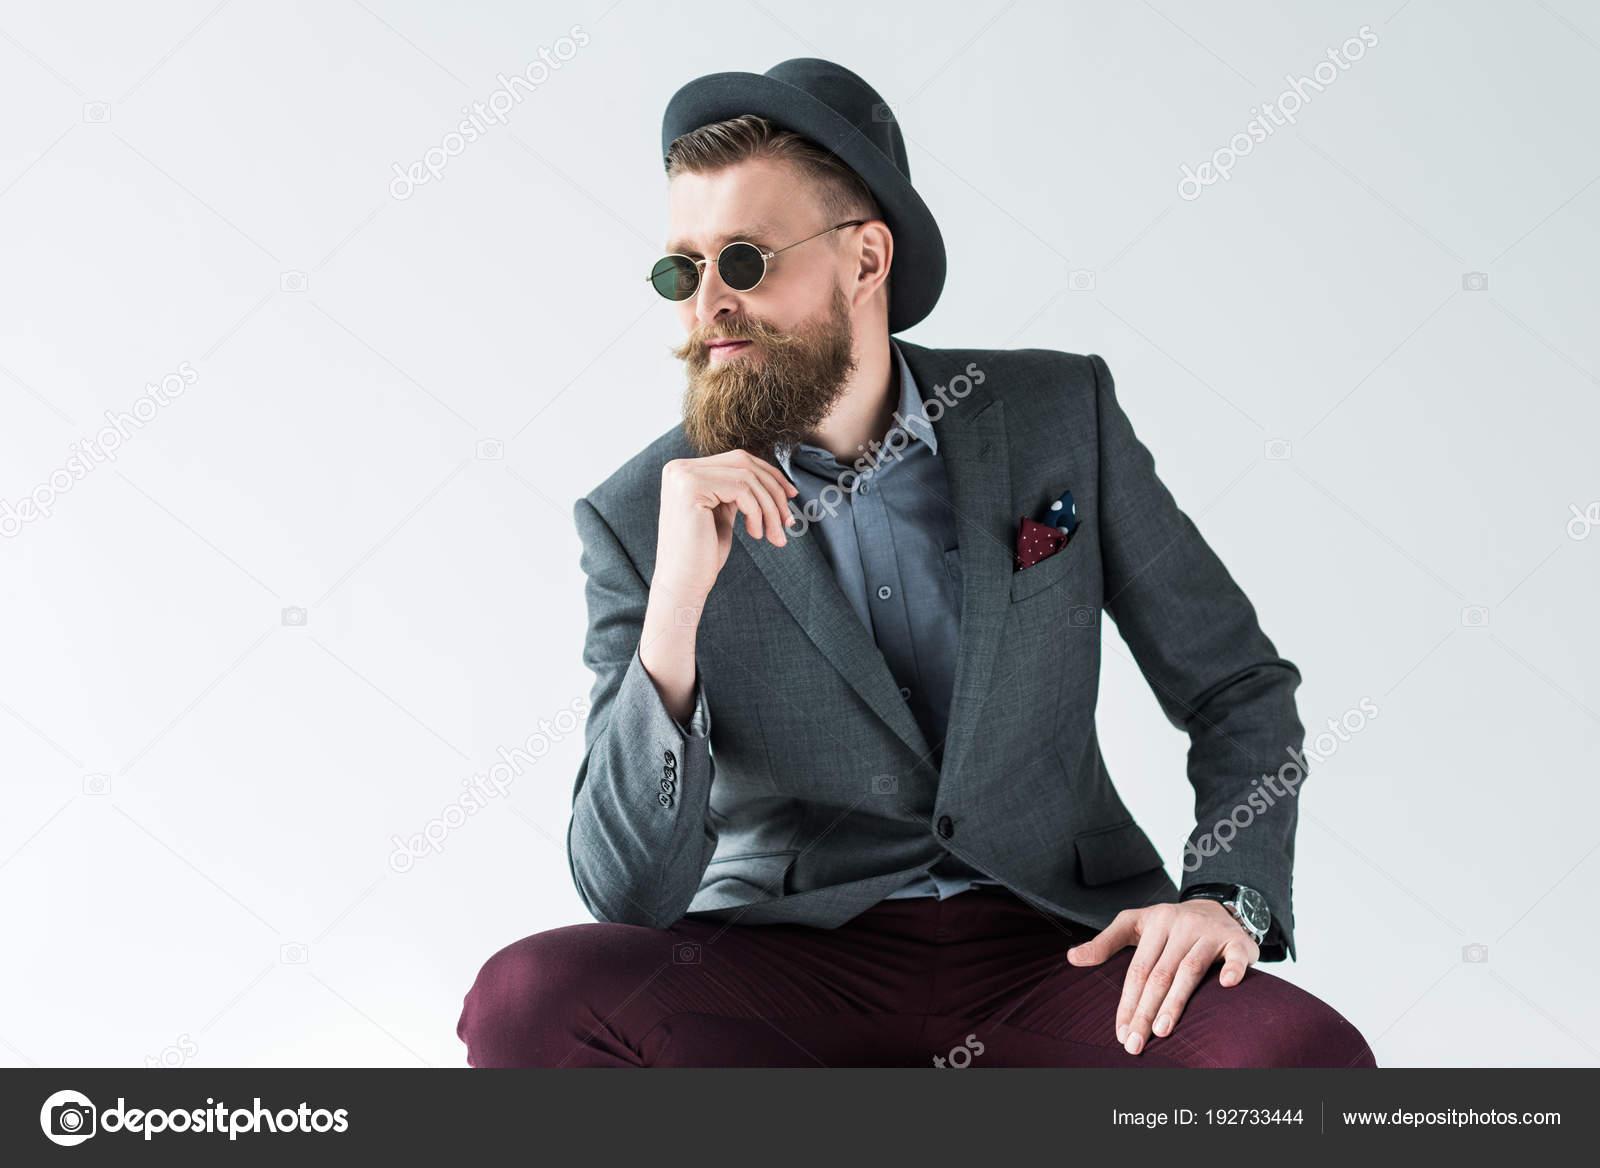 Gut Aussehender Mann Vintage Stil Kleidung Mit Hut Und Sonnenbrille